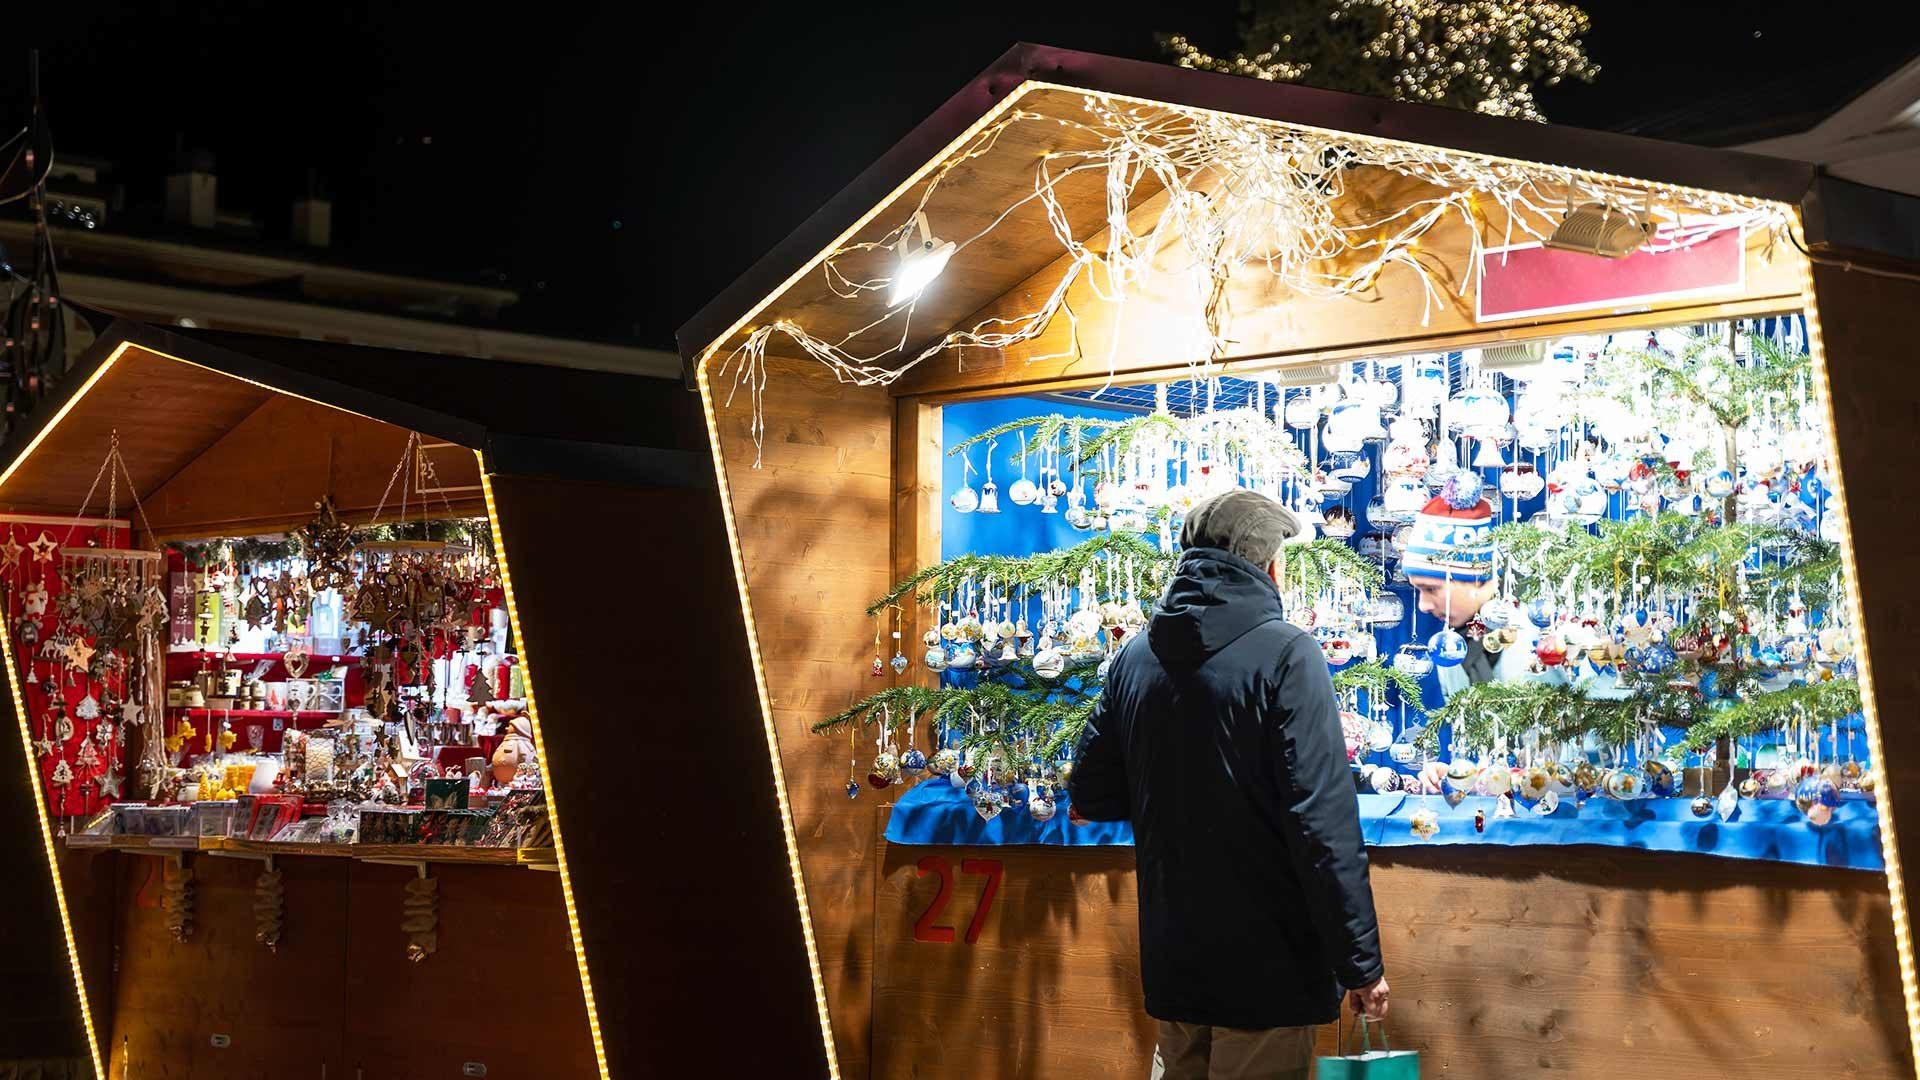 Weihnachtsmarkt Meran, Südtirol